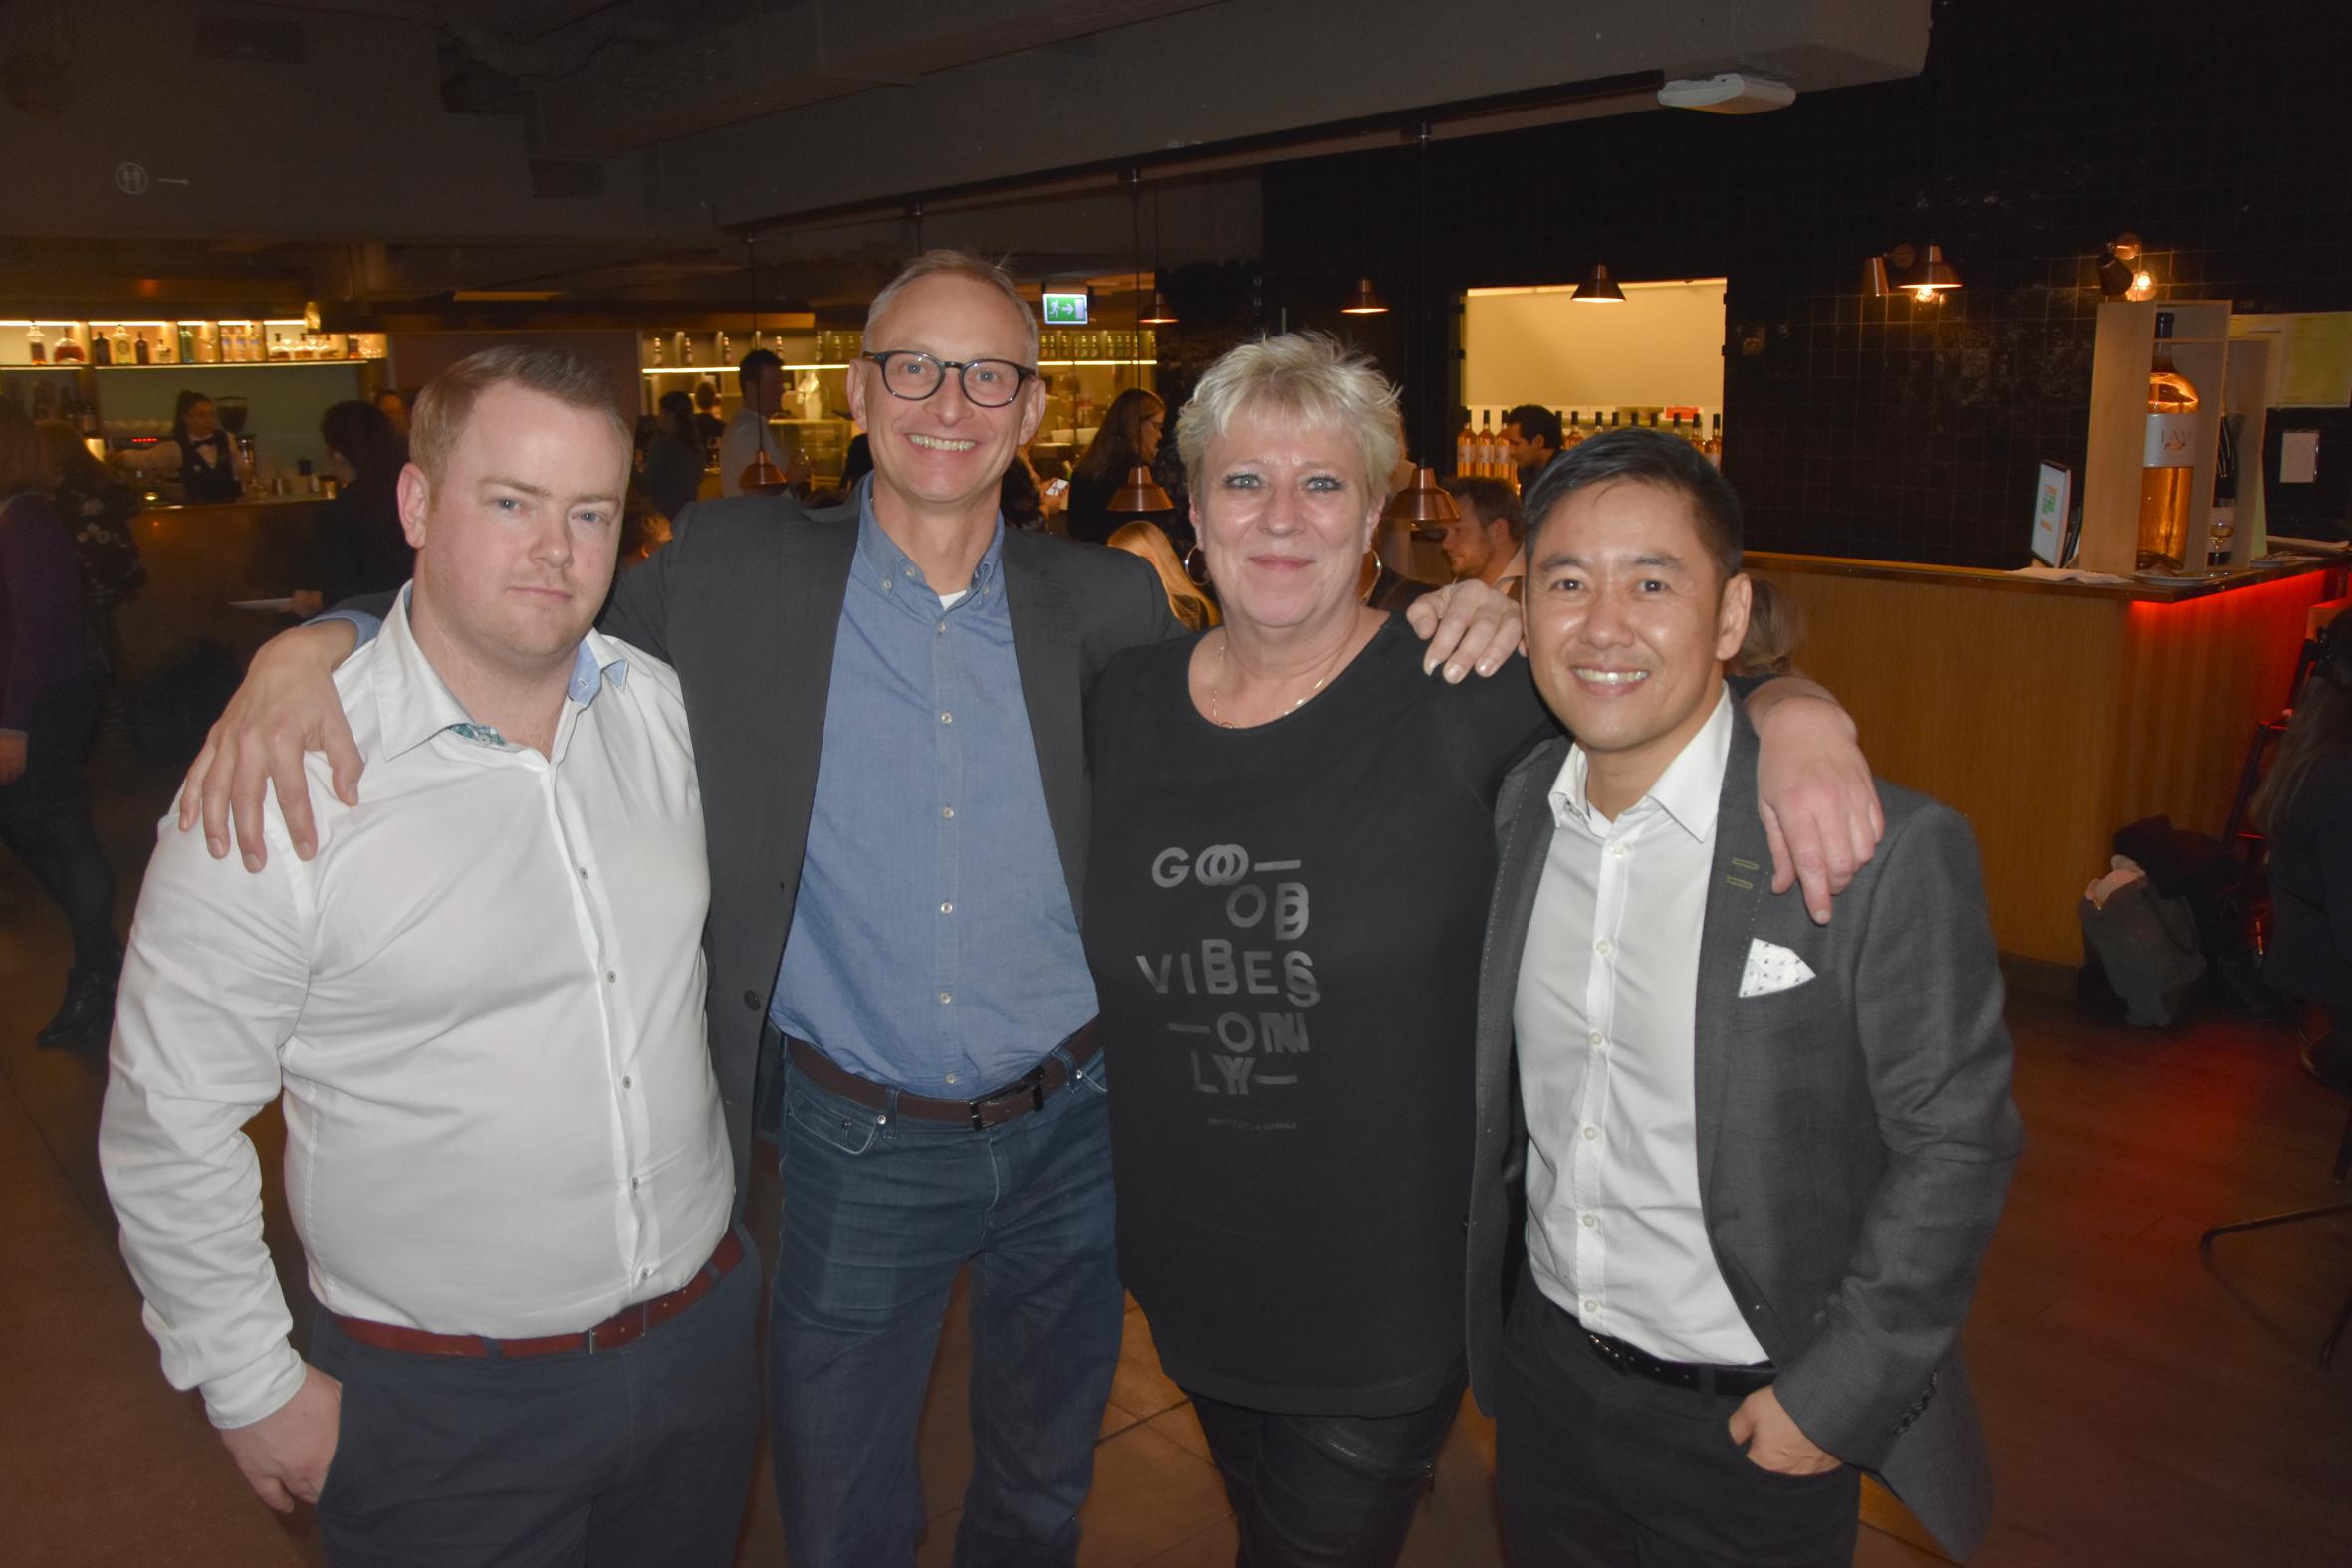 4 medlemmer af PATA-bestyrelsen var til nytårskur, fra venstre formand Claus Vestergaard Pedersen, til daglig i Radisson Hotel Group, Martin Schmidtsdorff fra Atlantic Link, næstformand June Nielsen fra InterTravel Rejsebureau og Pakpon Nuangsen fra Thai Airways. Foto: Preben Pathuel.